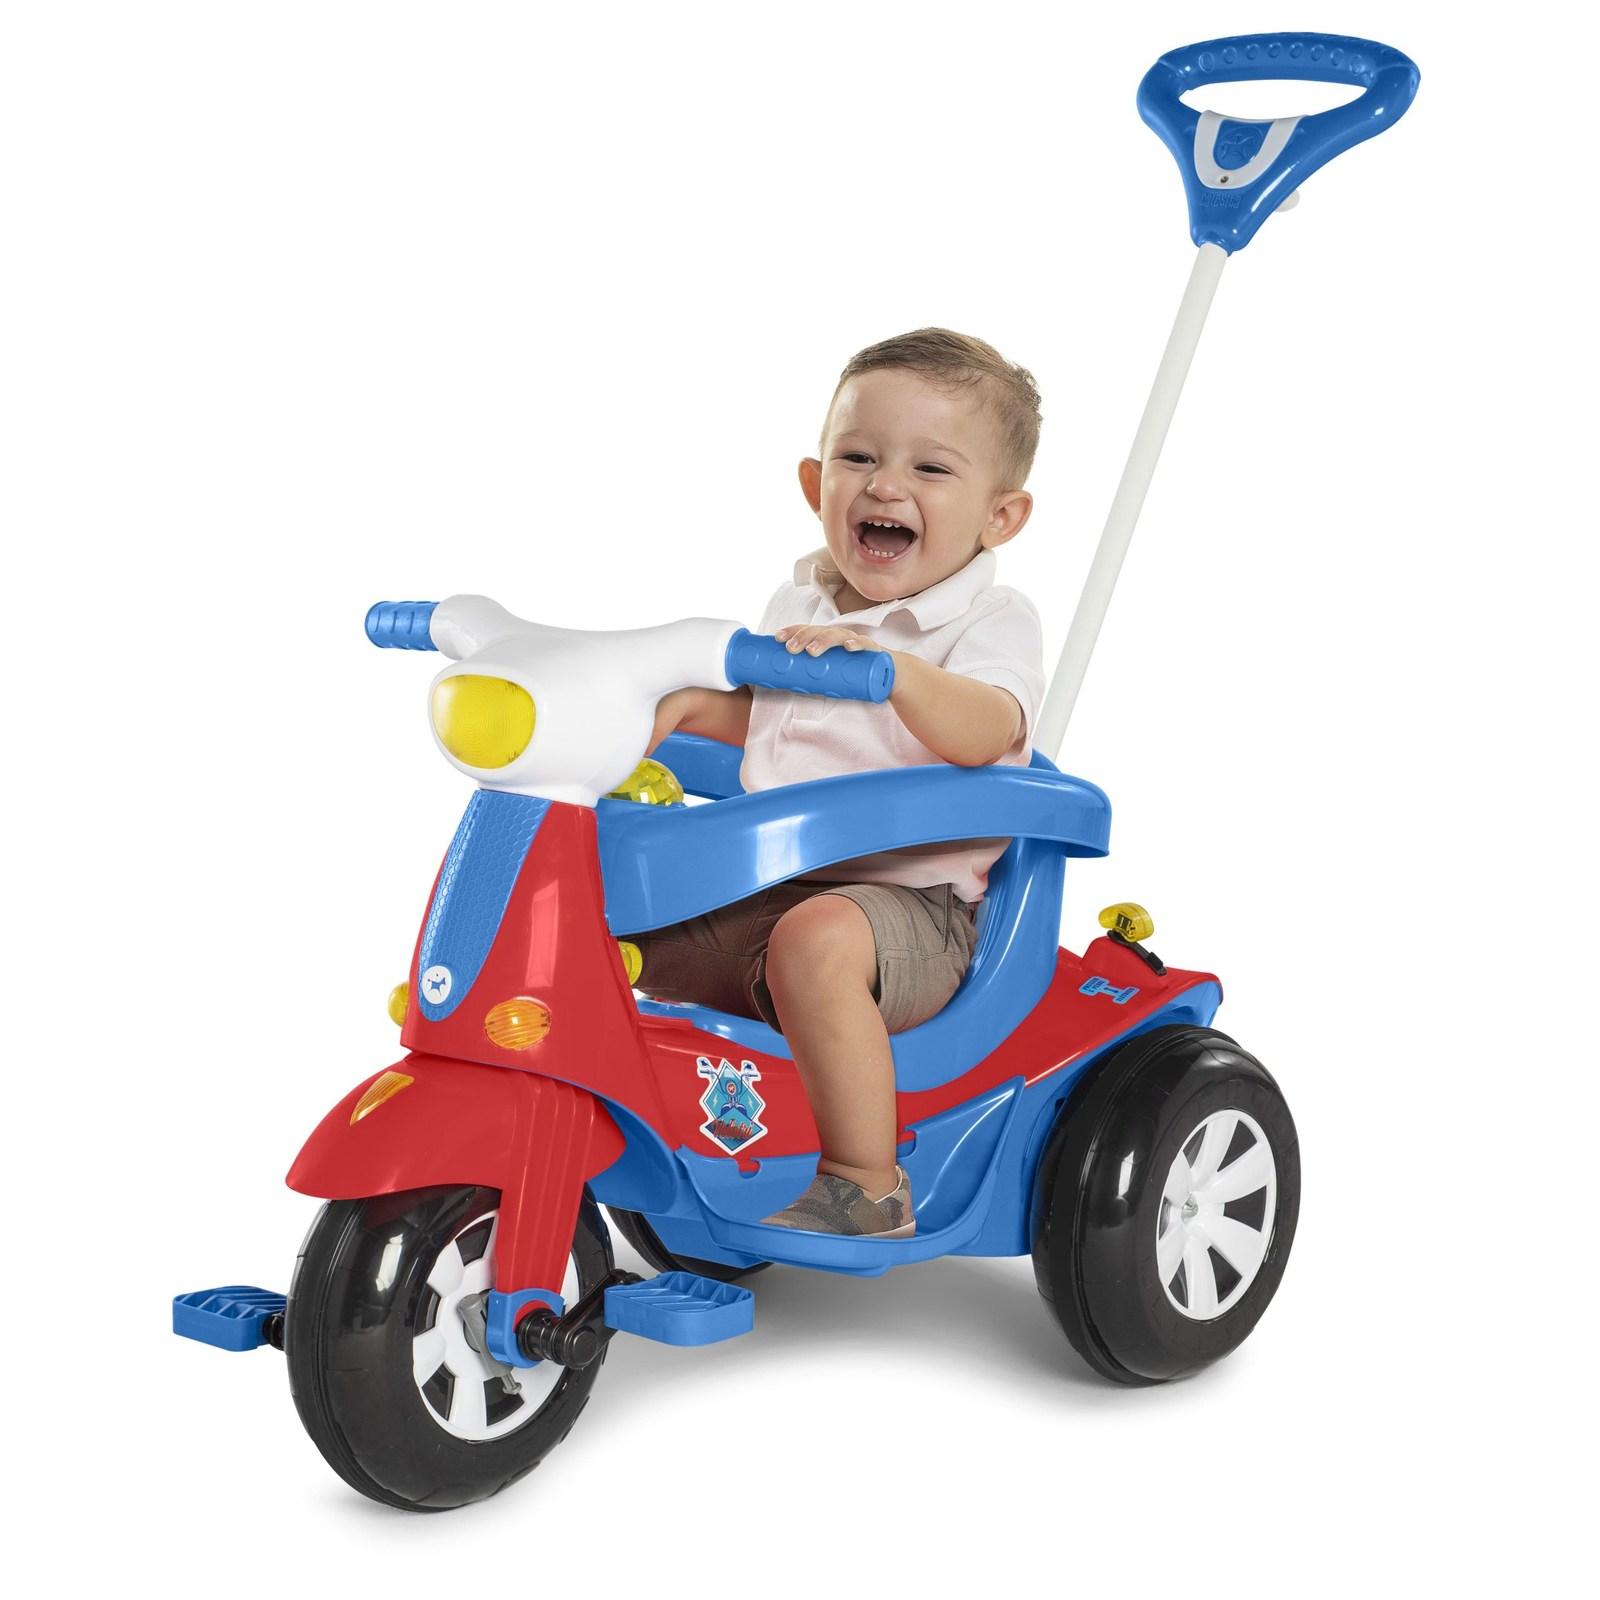 Triciclo Eletrico Infantil Velotri 3Em1 Grande Az/Rs 1023/24